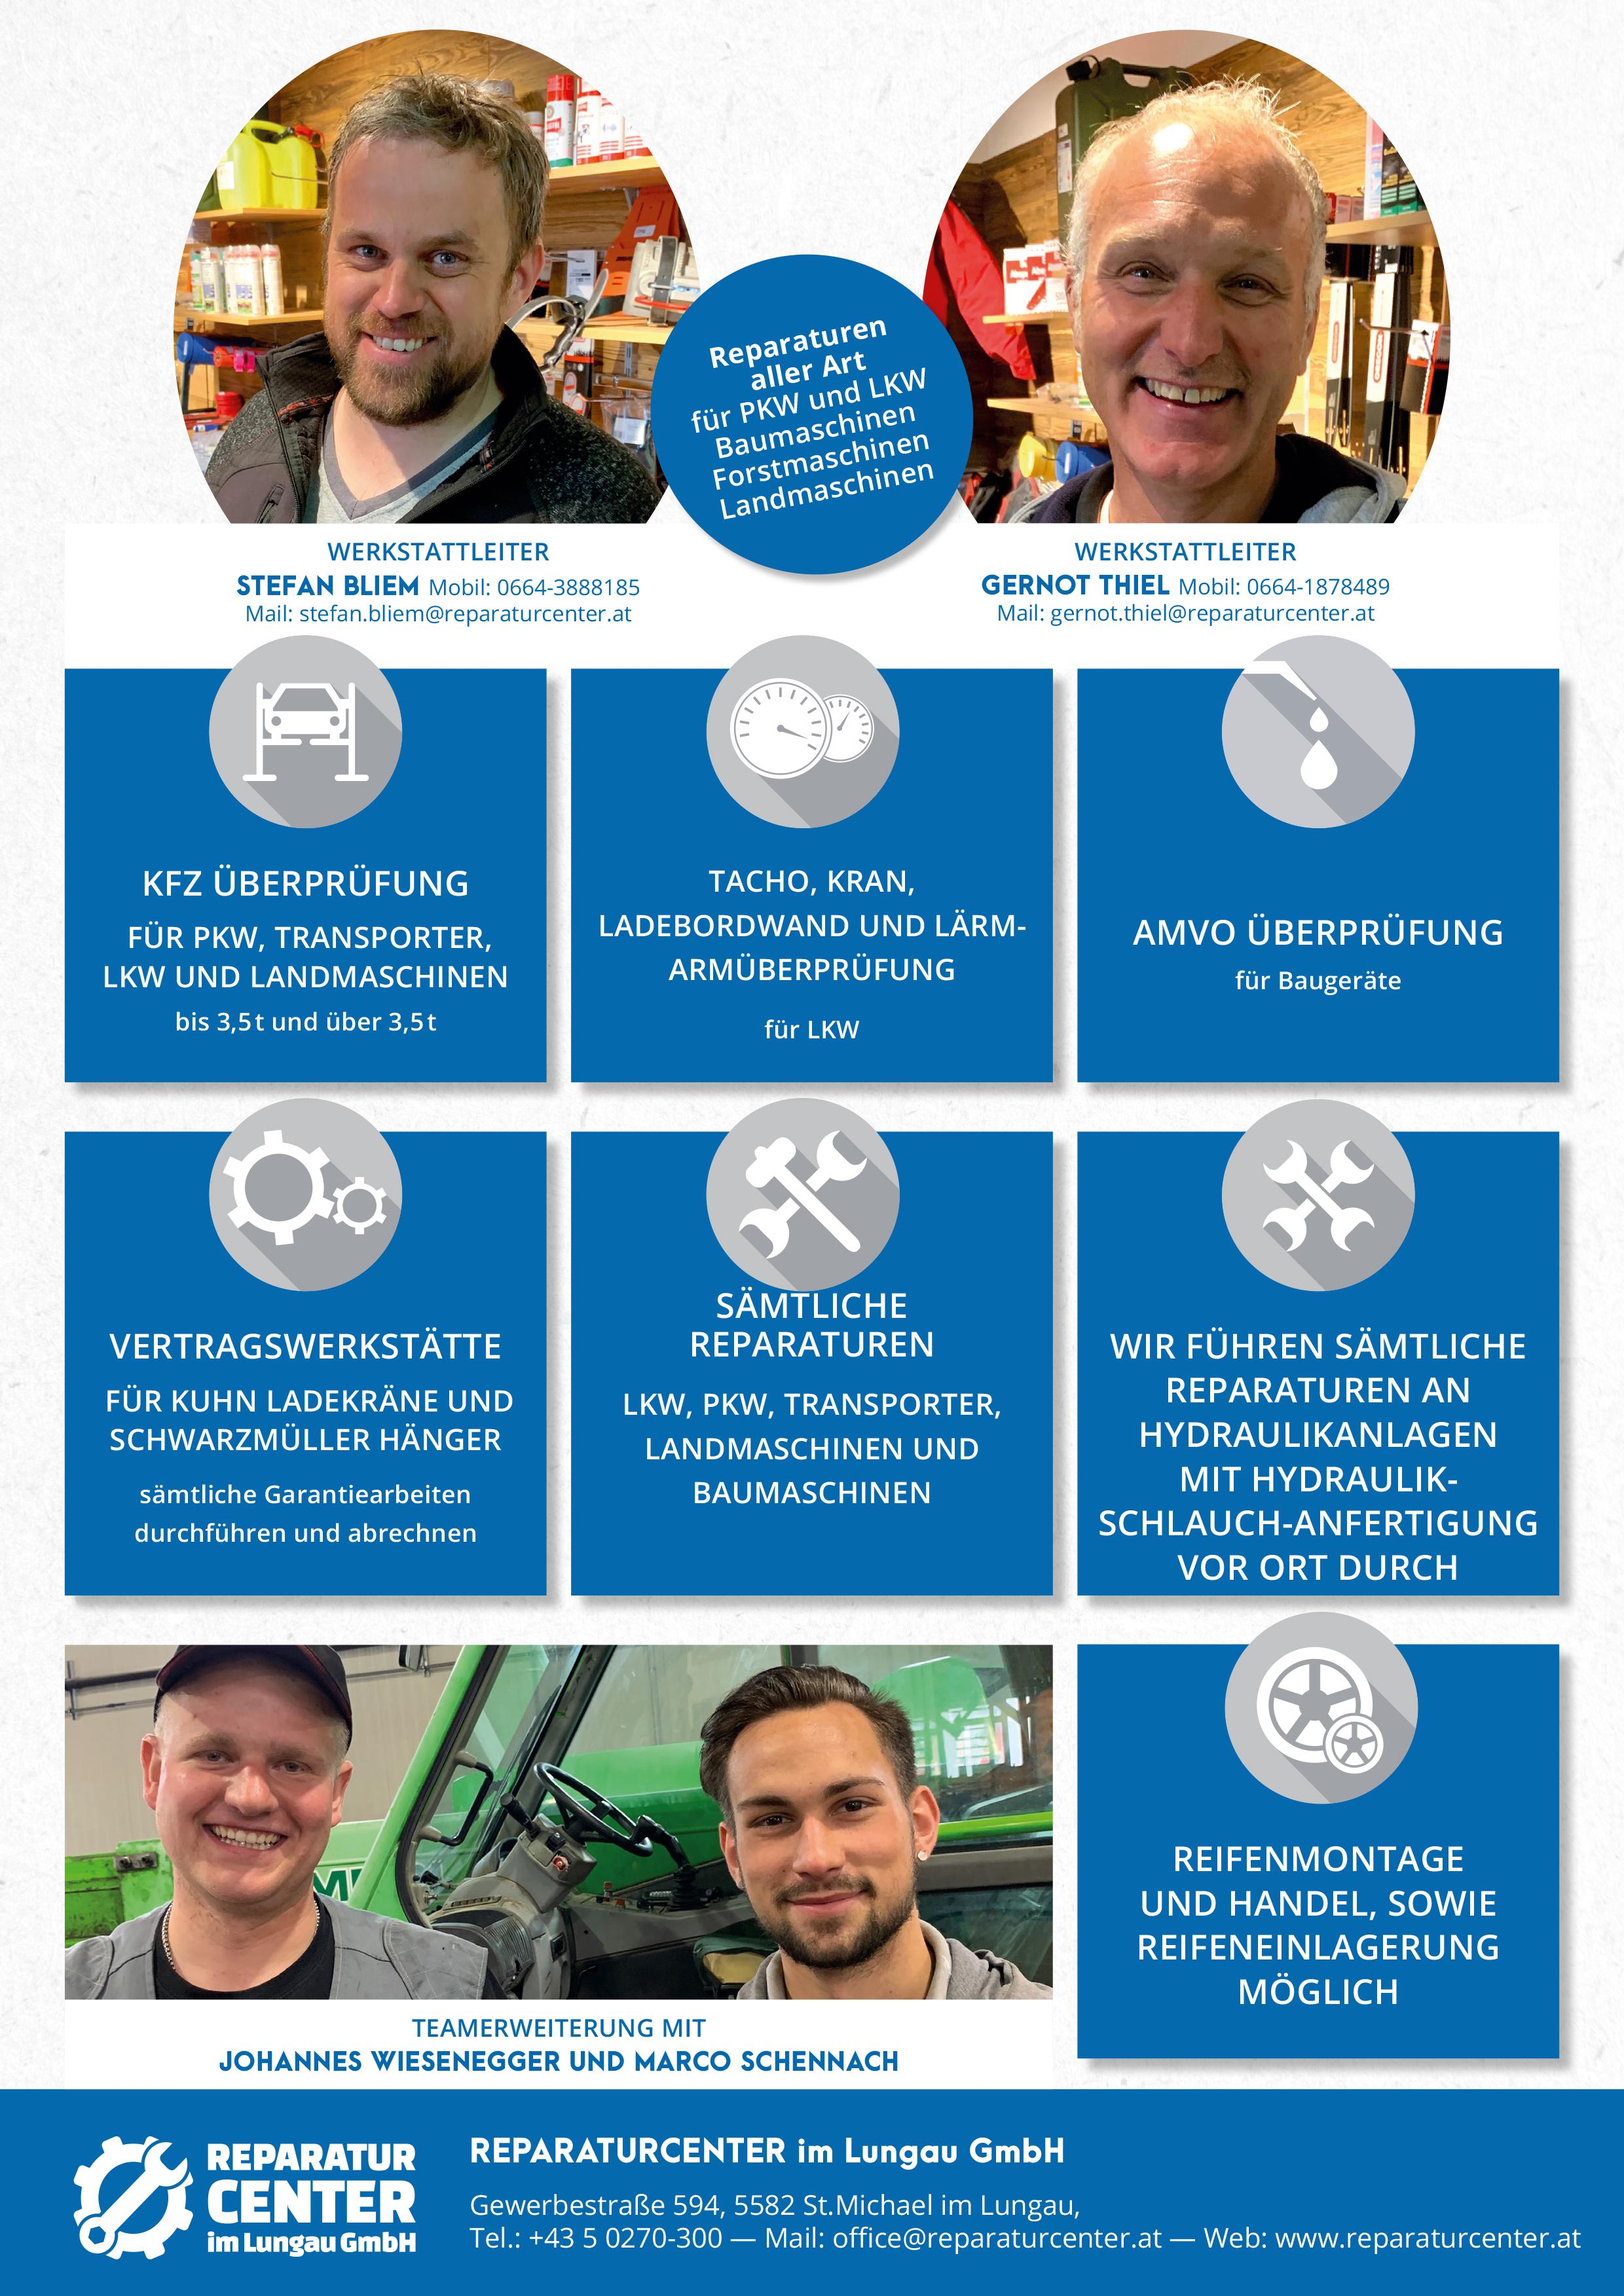 Reparaturcenter Lungau GmbH